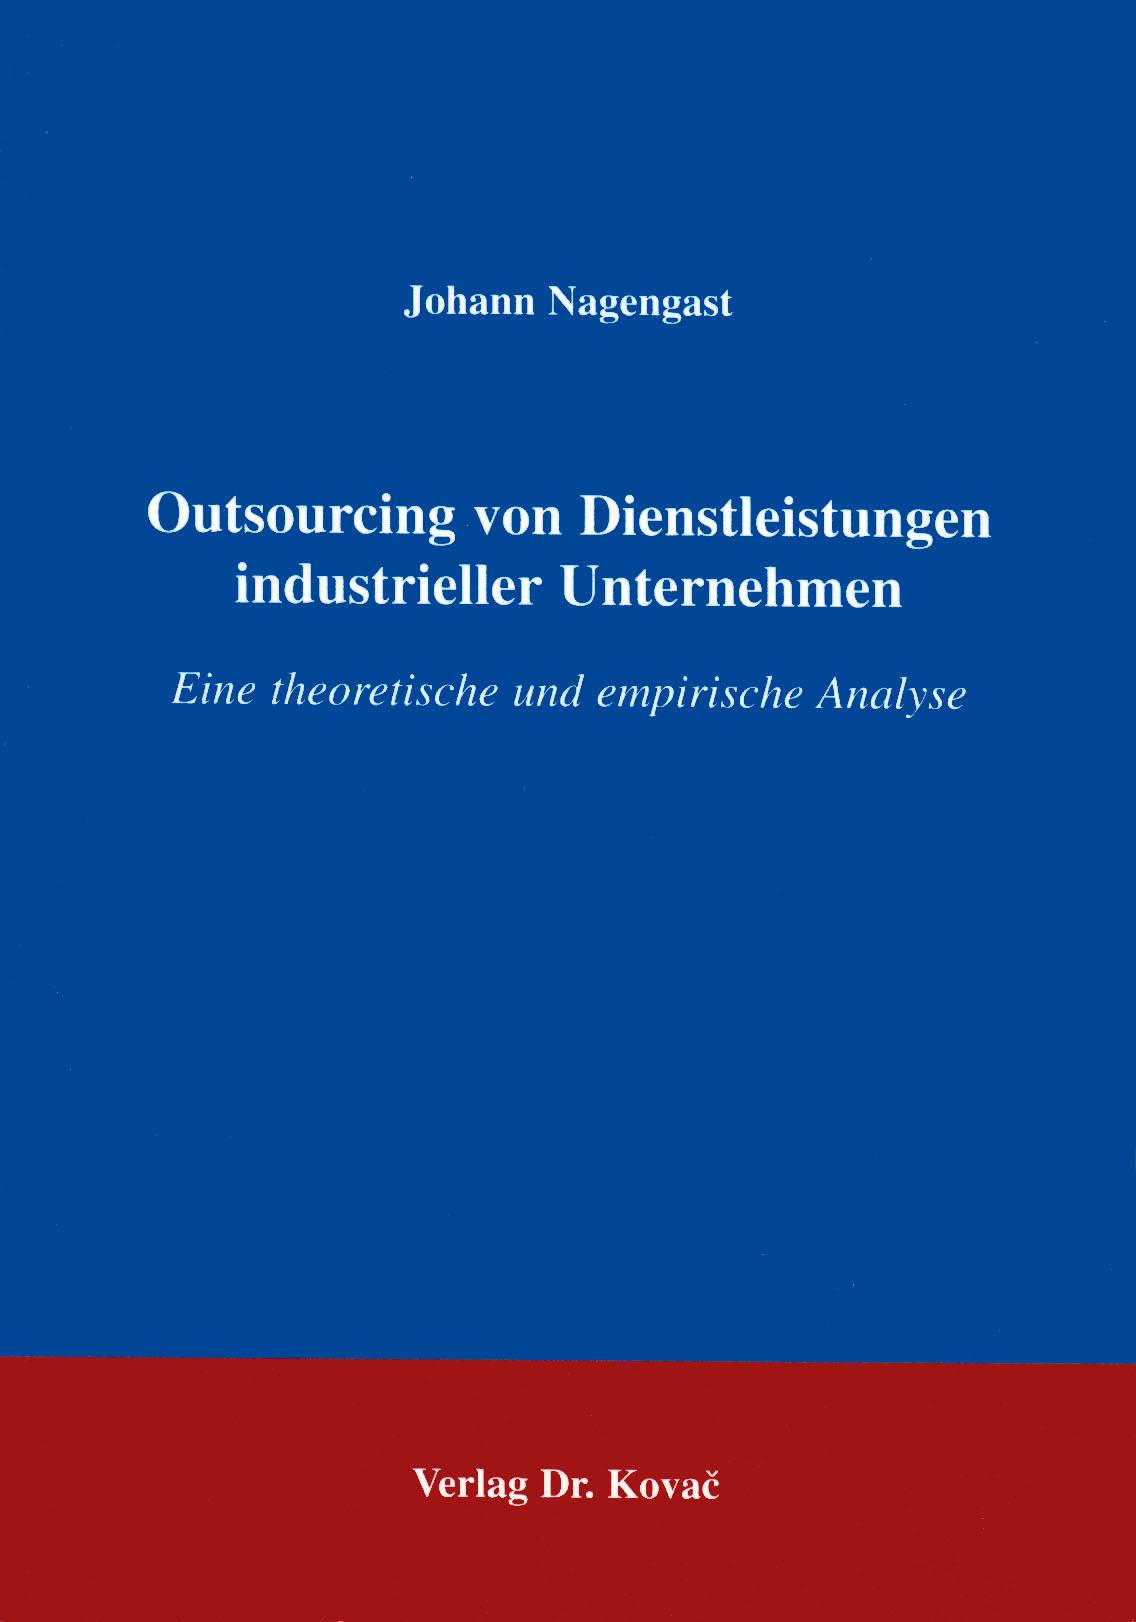 Cover: Outsourcing von Dienstleistungen industrieller Unternehmen